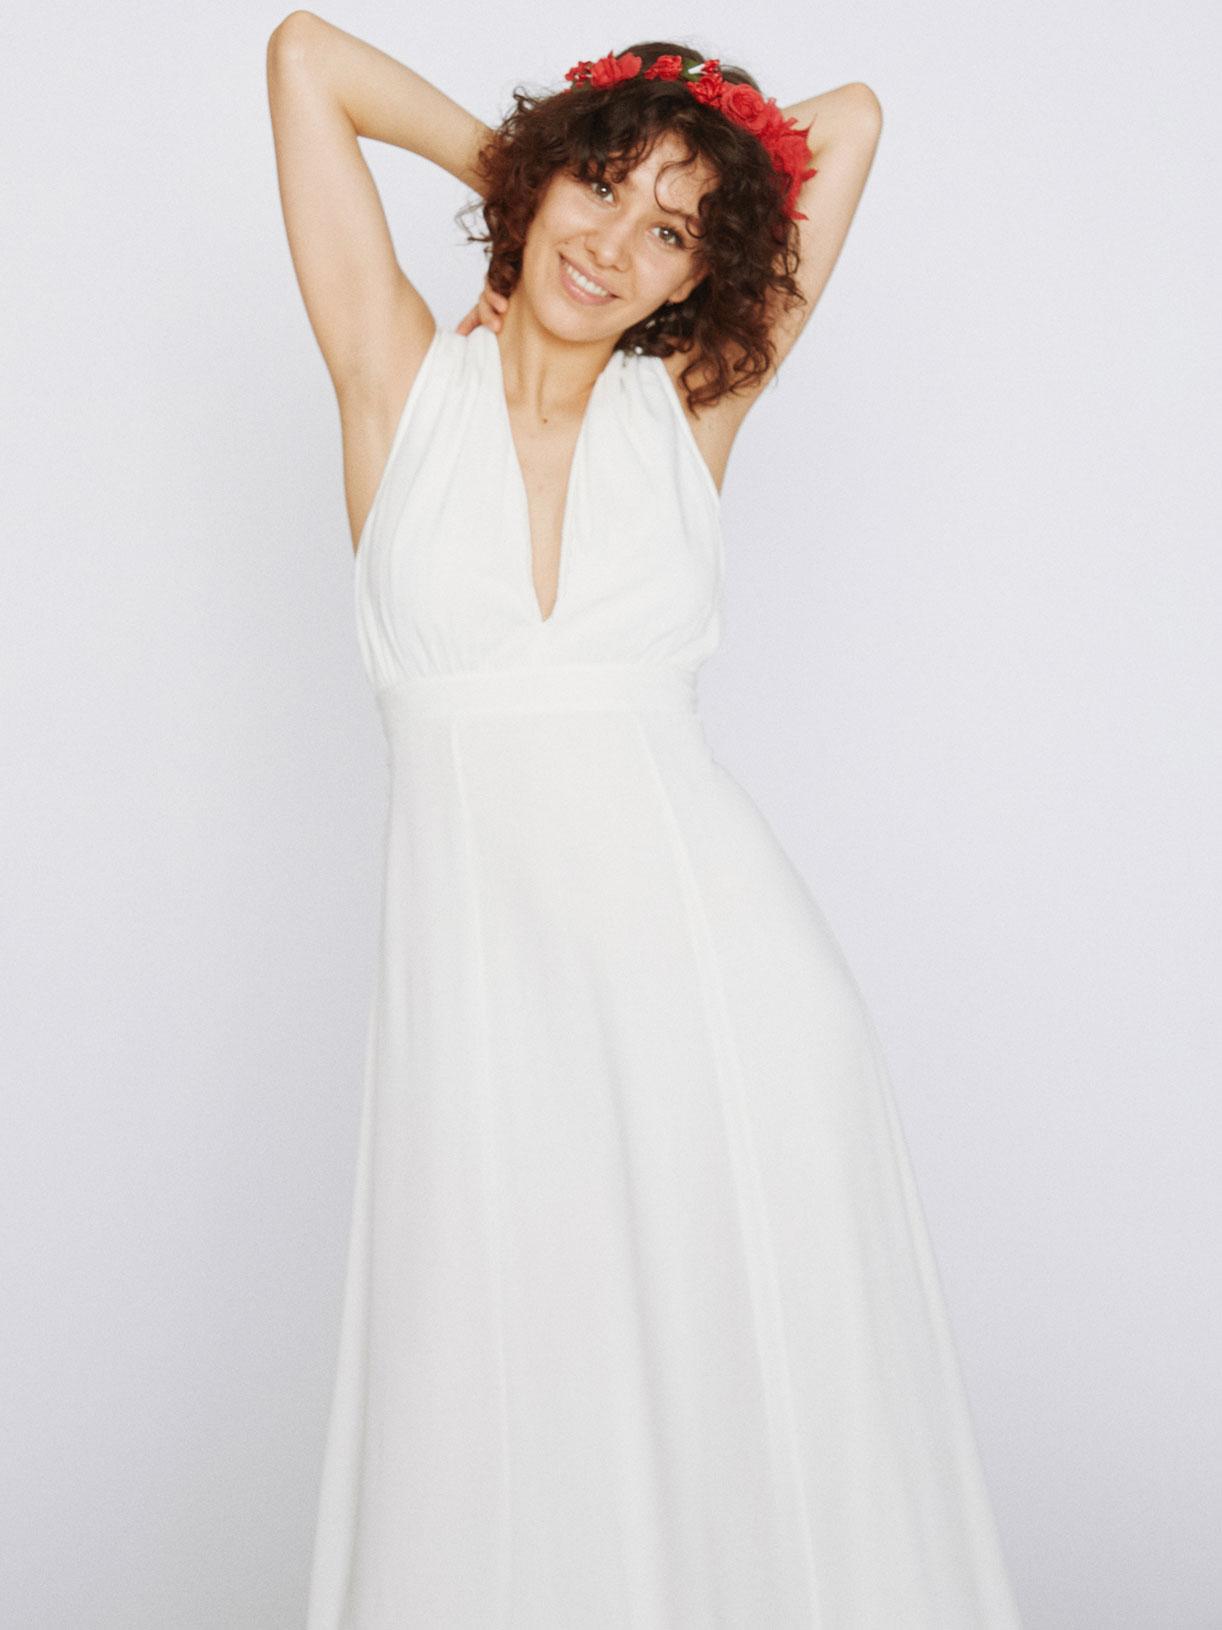 Robe de mariee longue taille empire vegan et écoresponsable - Creatrice de robe de mariée éthique et bio a Paris - Myphilosophy